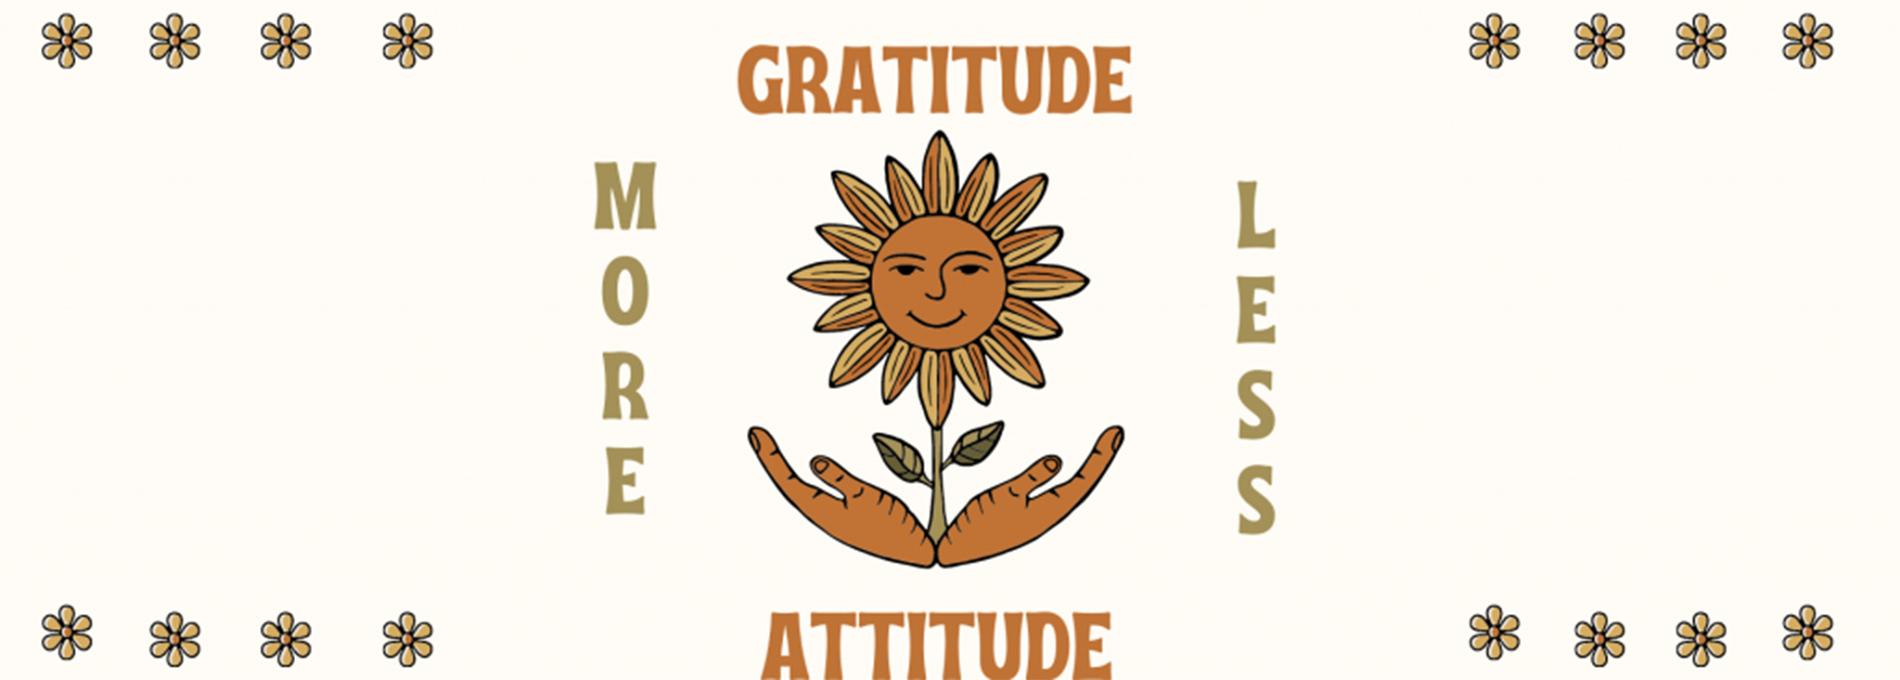 More Gratitude Less Attitude